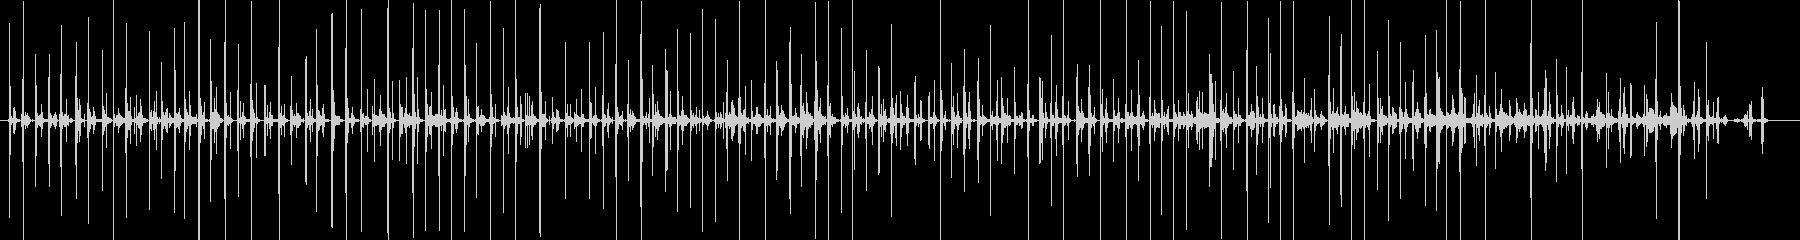 バイノーラル足音歩く2サンダル_右の未再生の波形